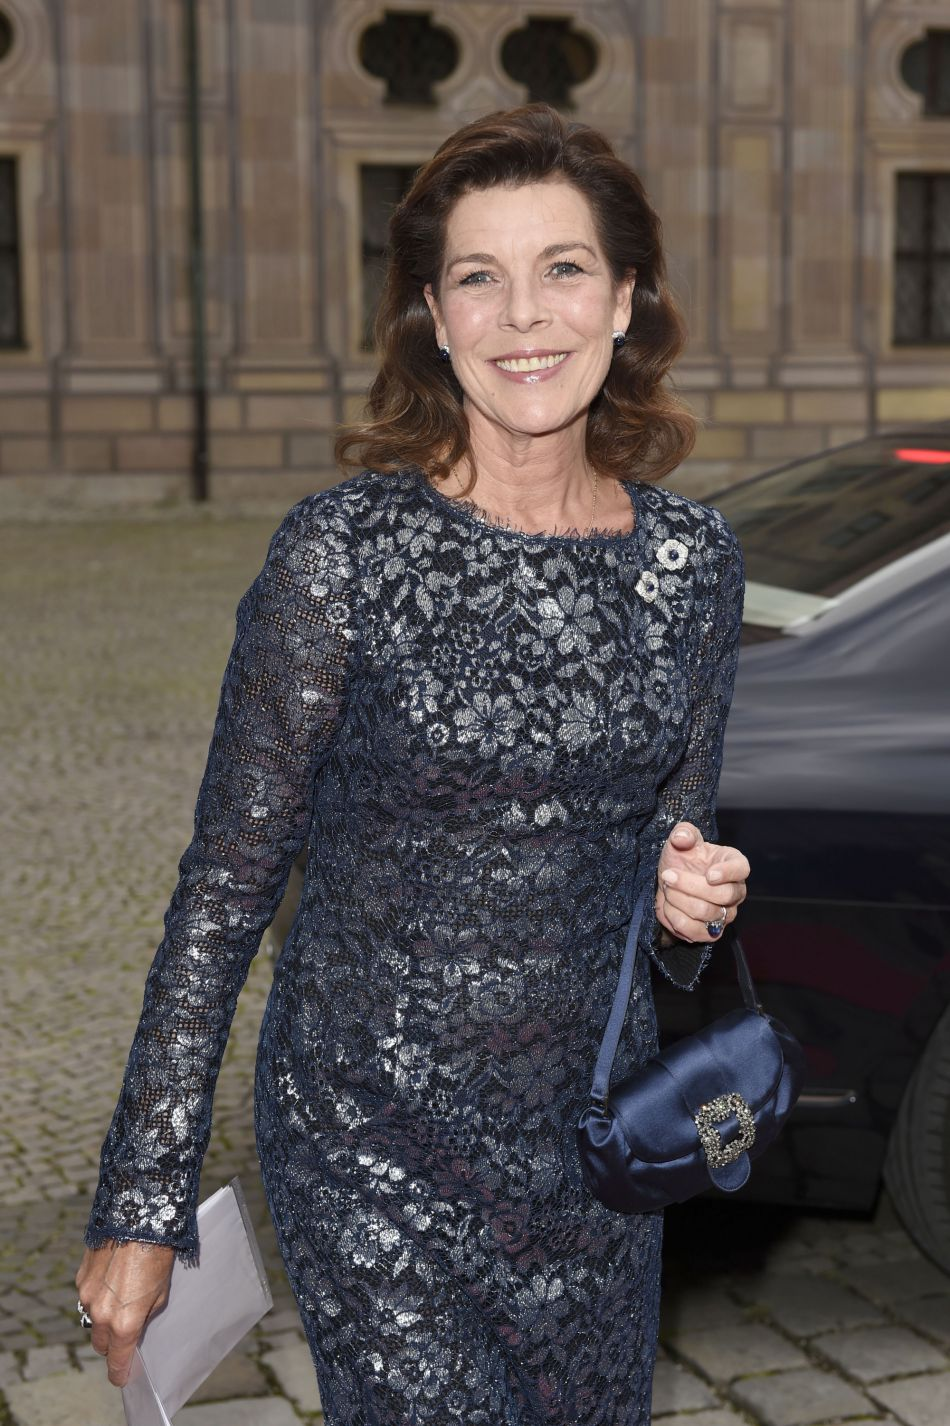 A 59 ans, la mère de Charlotte Casiraghi est très belle. Dommage que la princesse se fasse si rare devant les photographes.